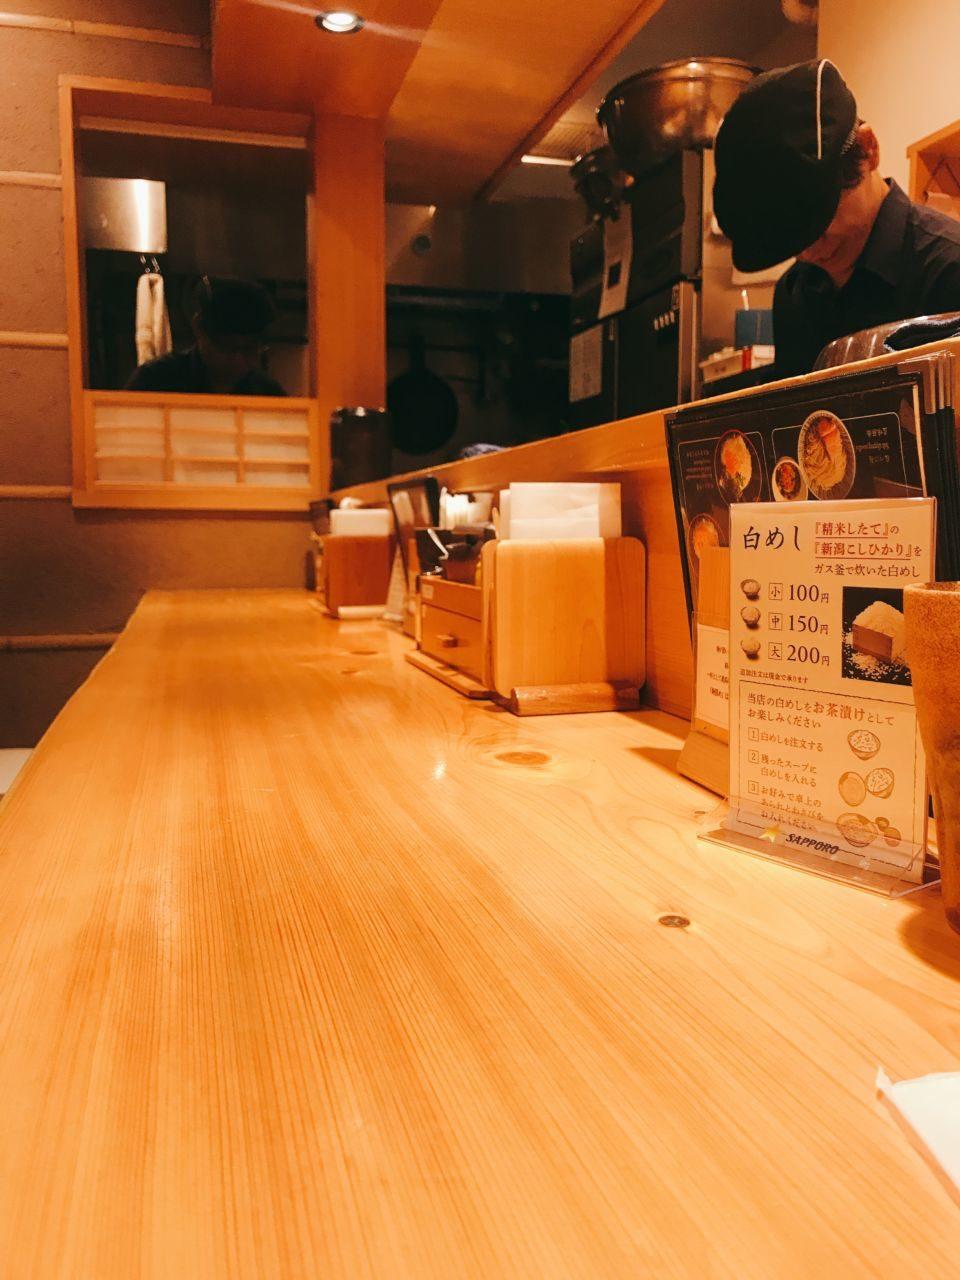 焼きあご塩らー麺 たかはし上野店 店内